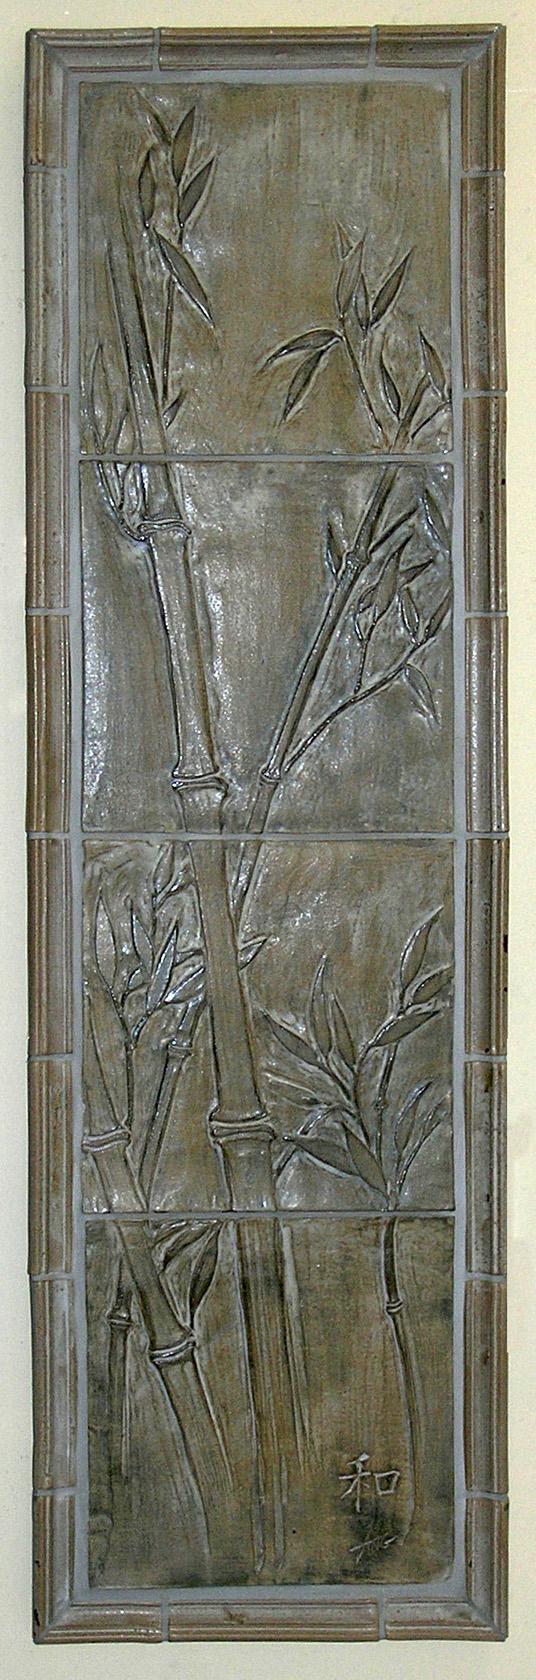 Bamboo Framed